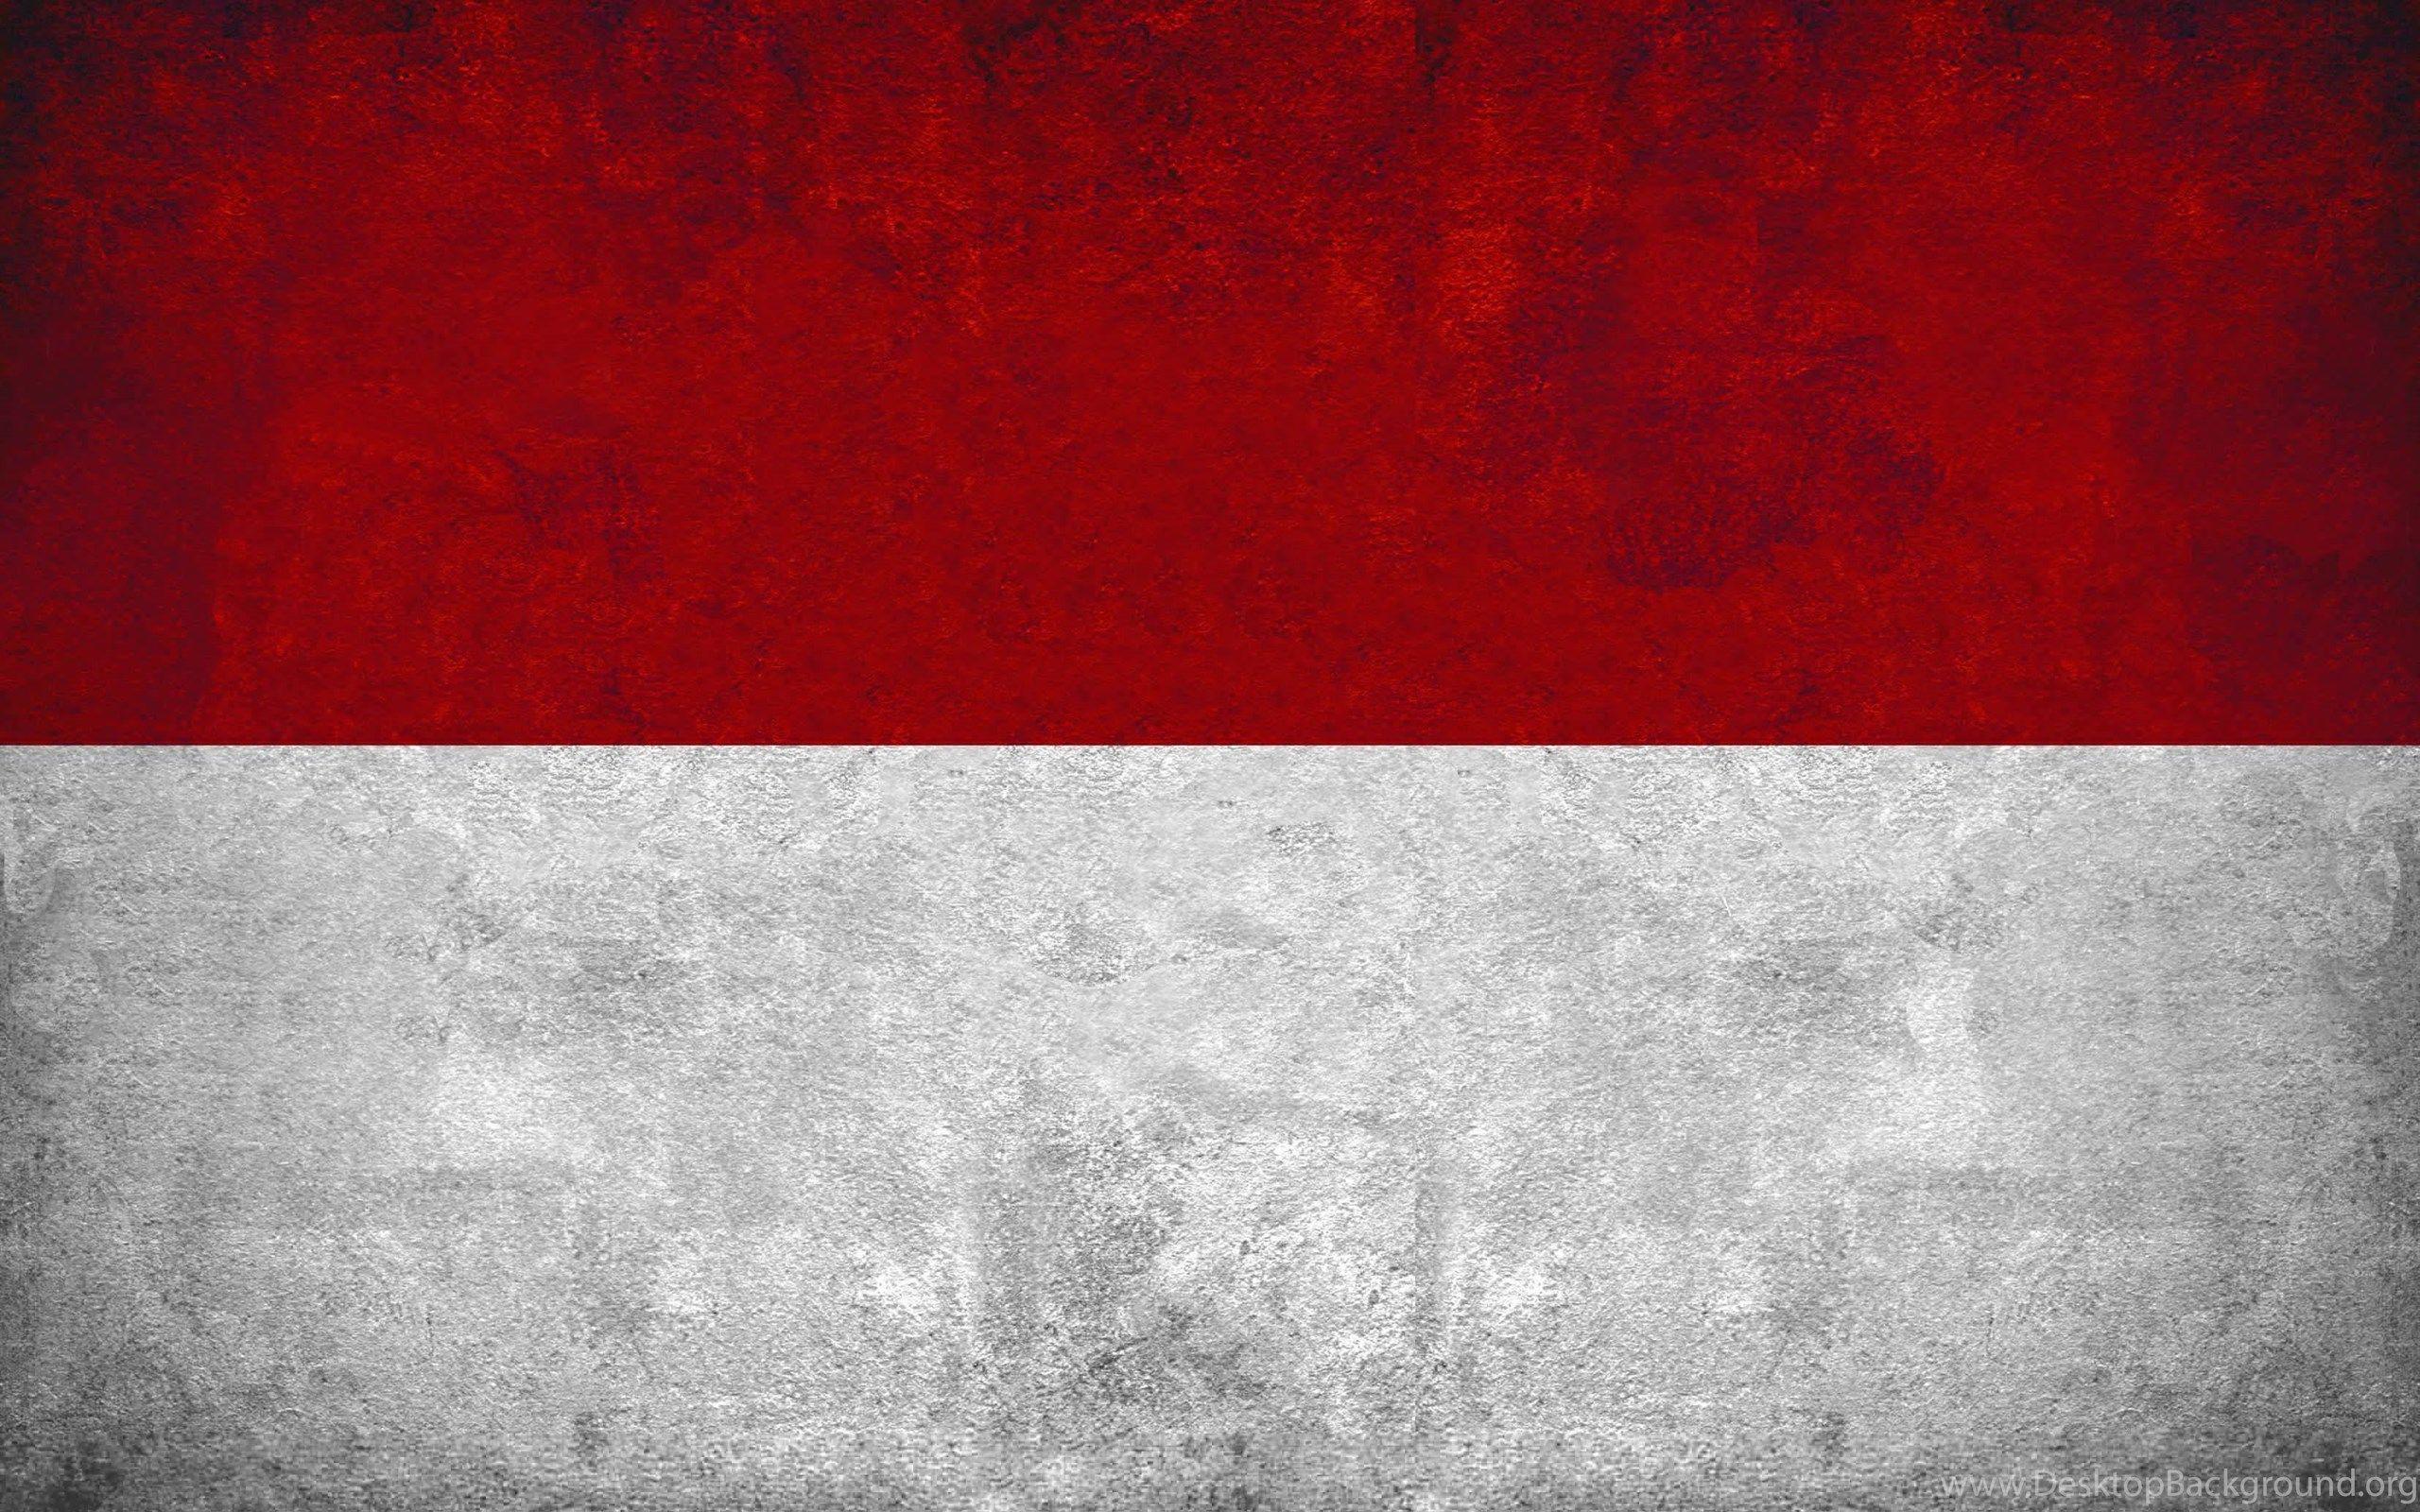 bendera merah putih wallpaper hd 20 wallpapers adorable wallpapers avante biz